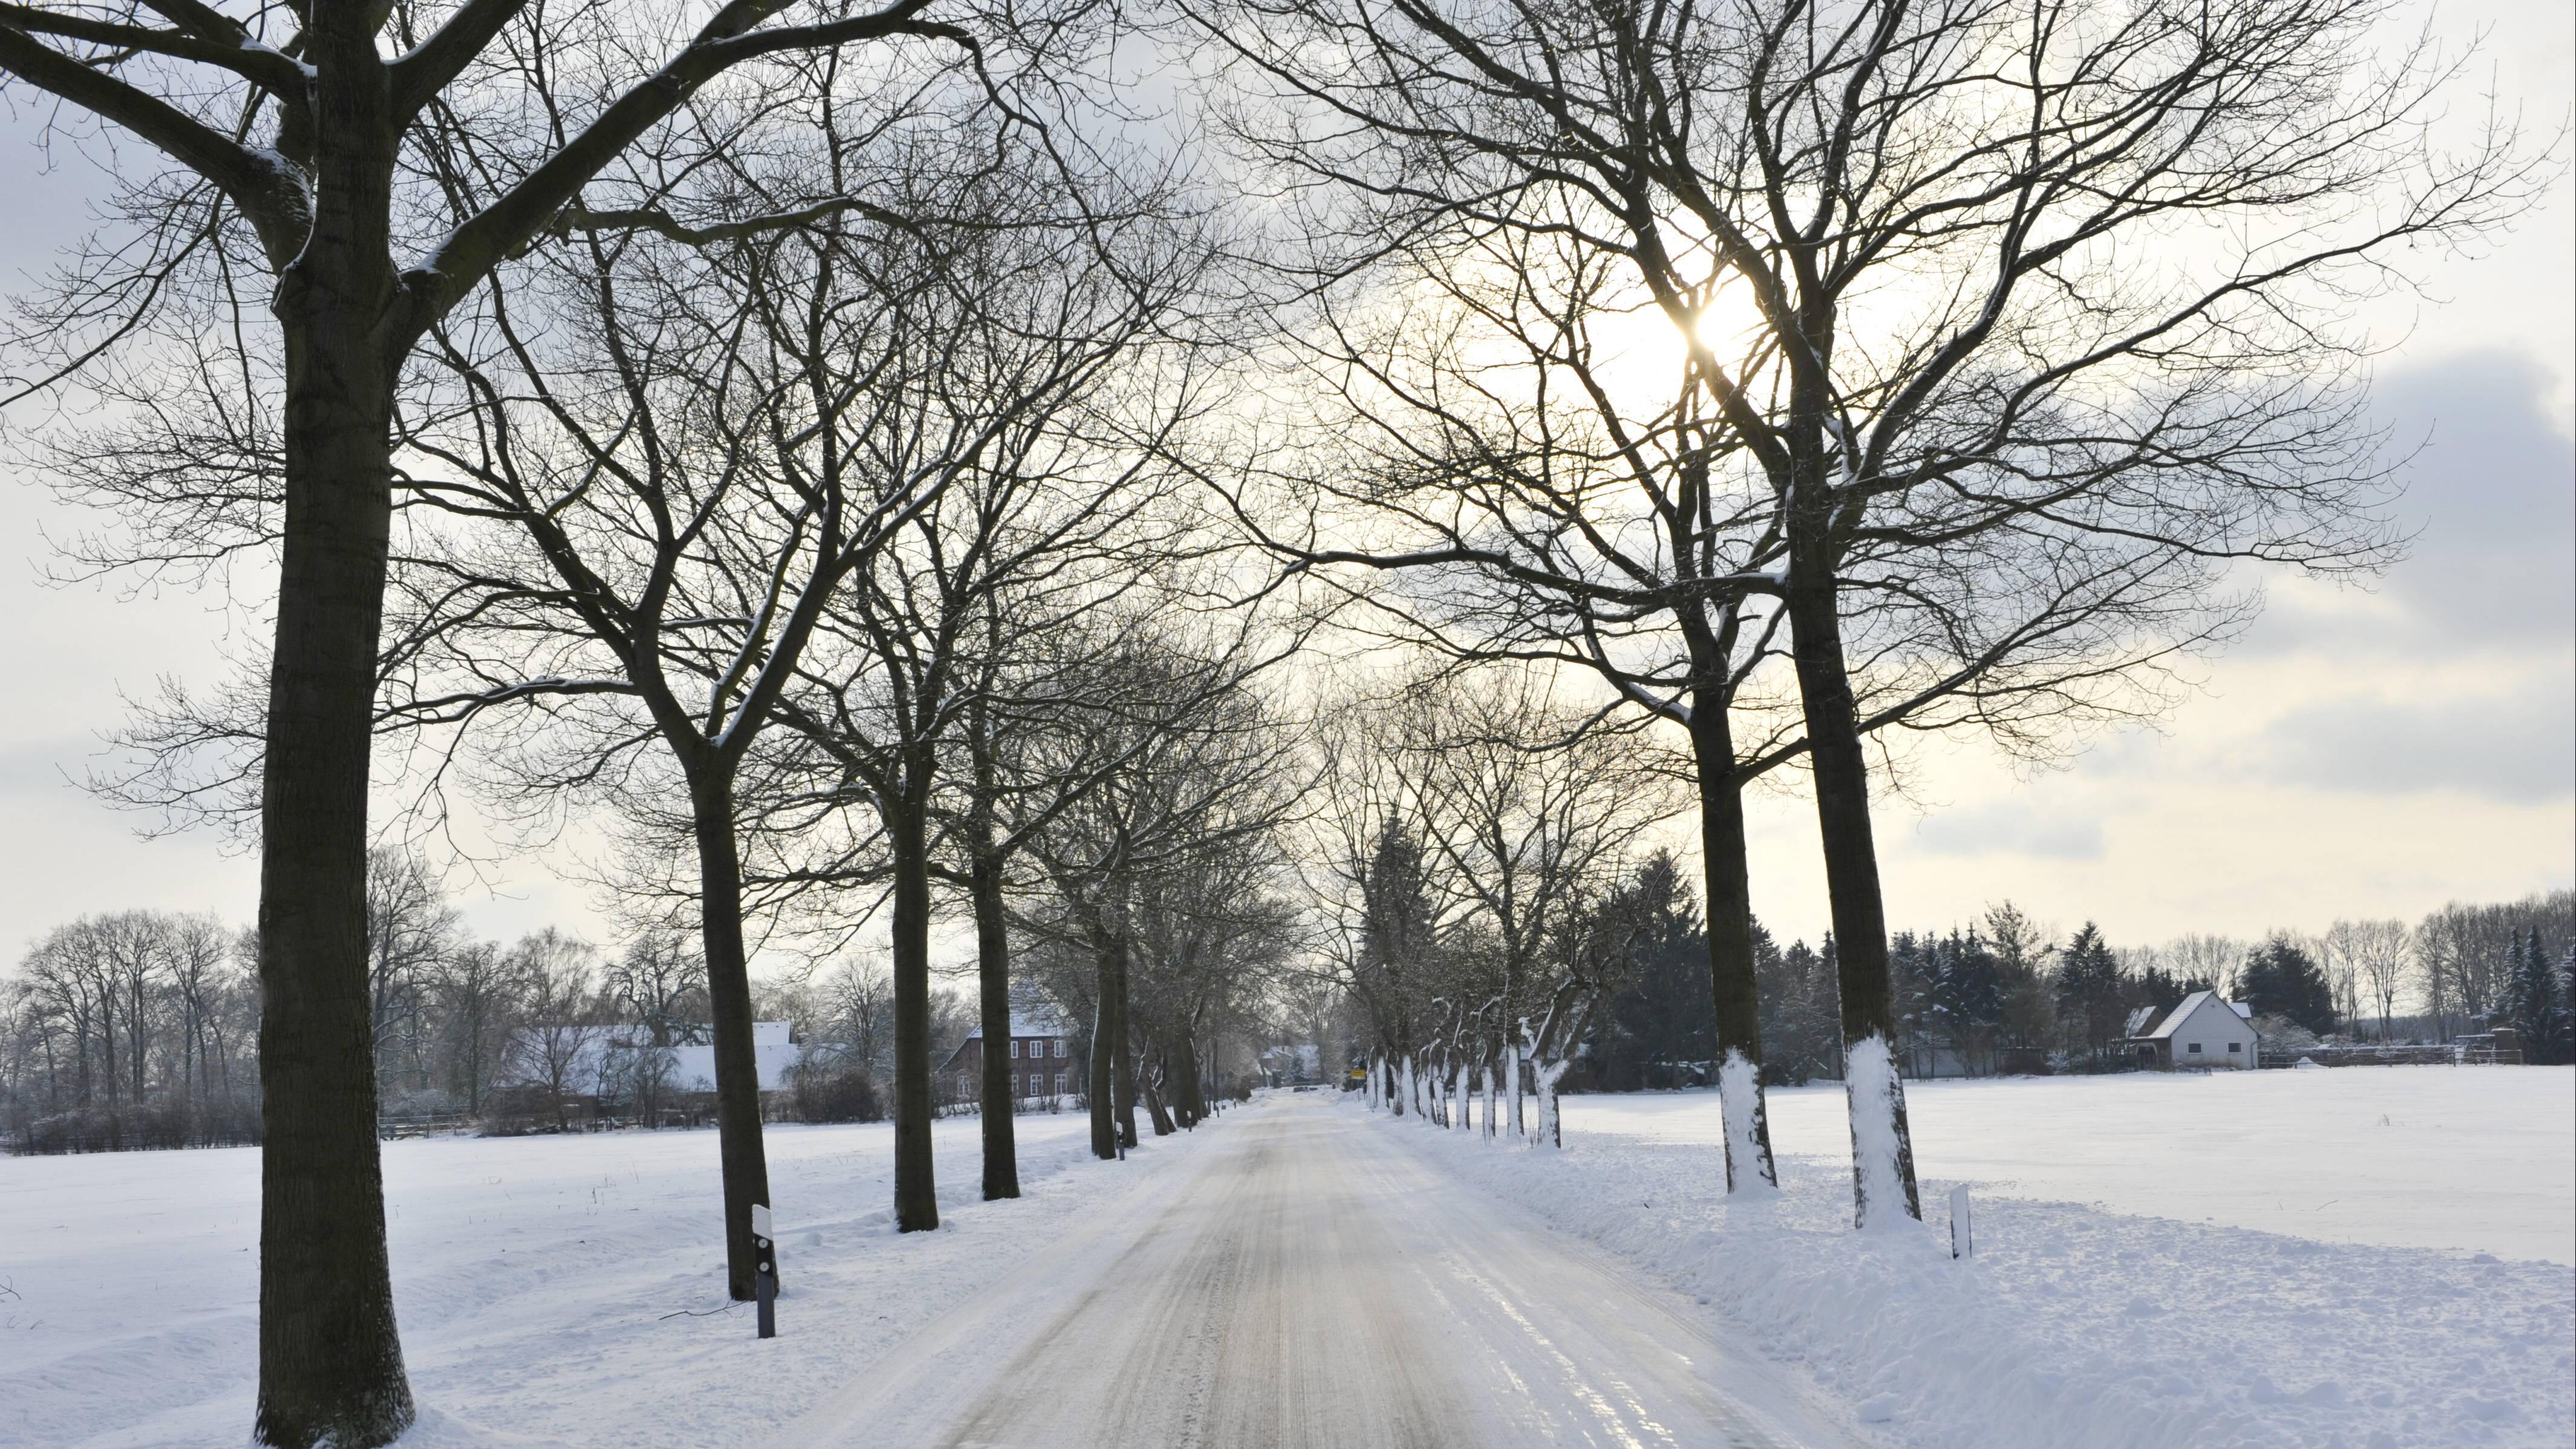 Schneeräumpflicht: Das müssen Sie beachten